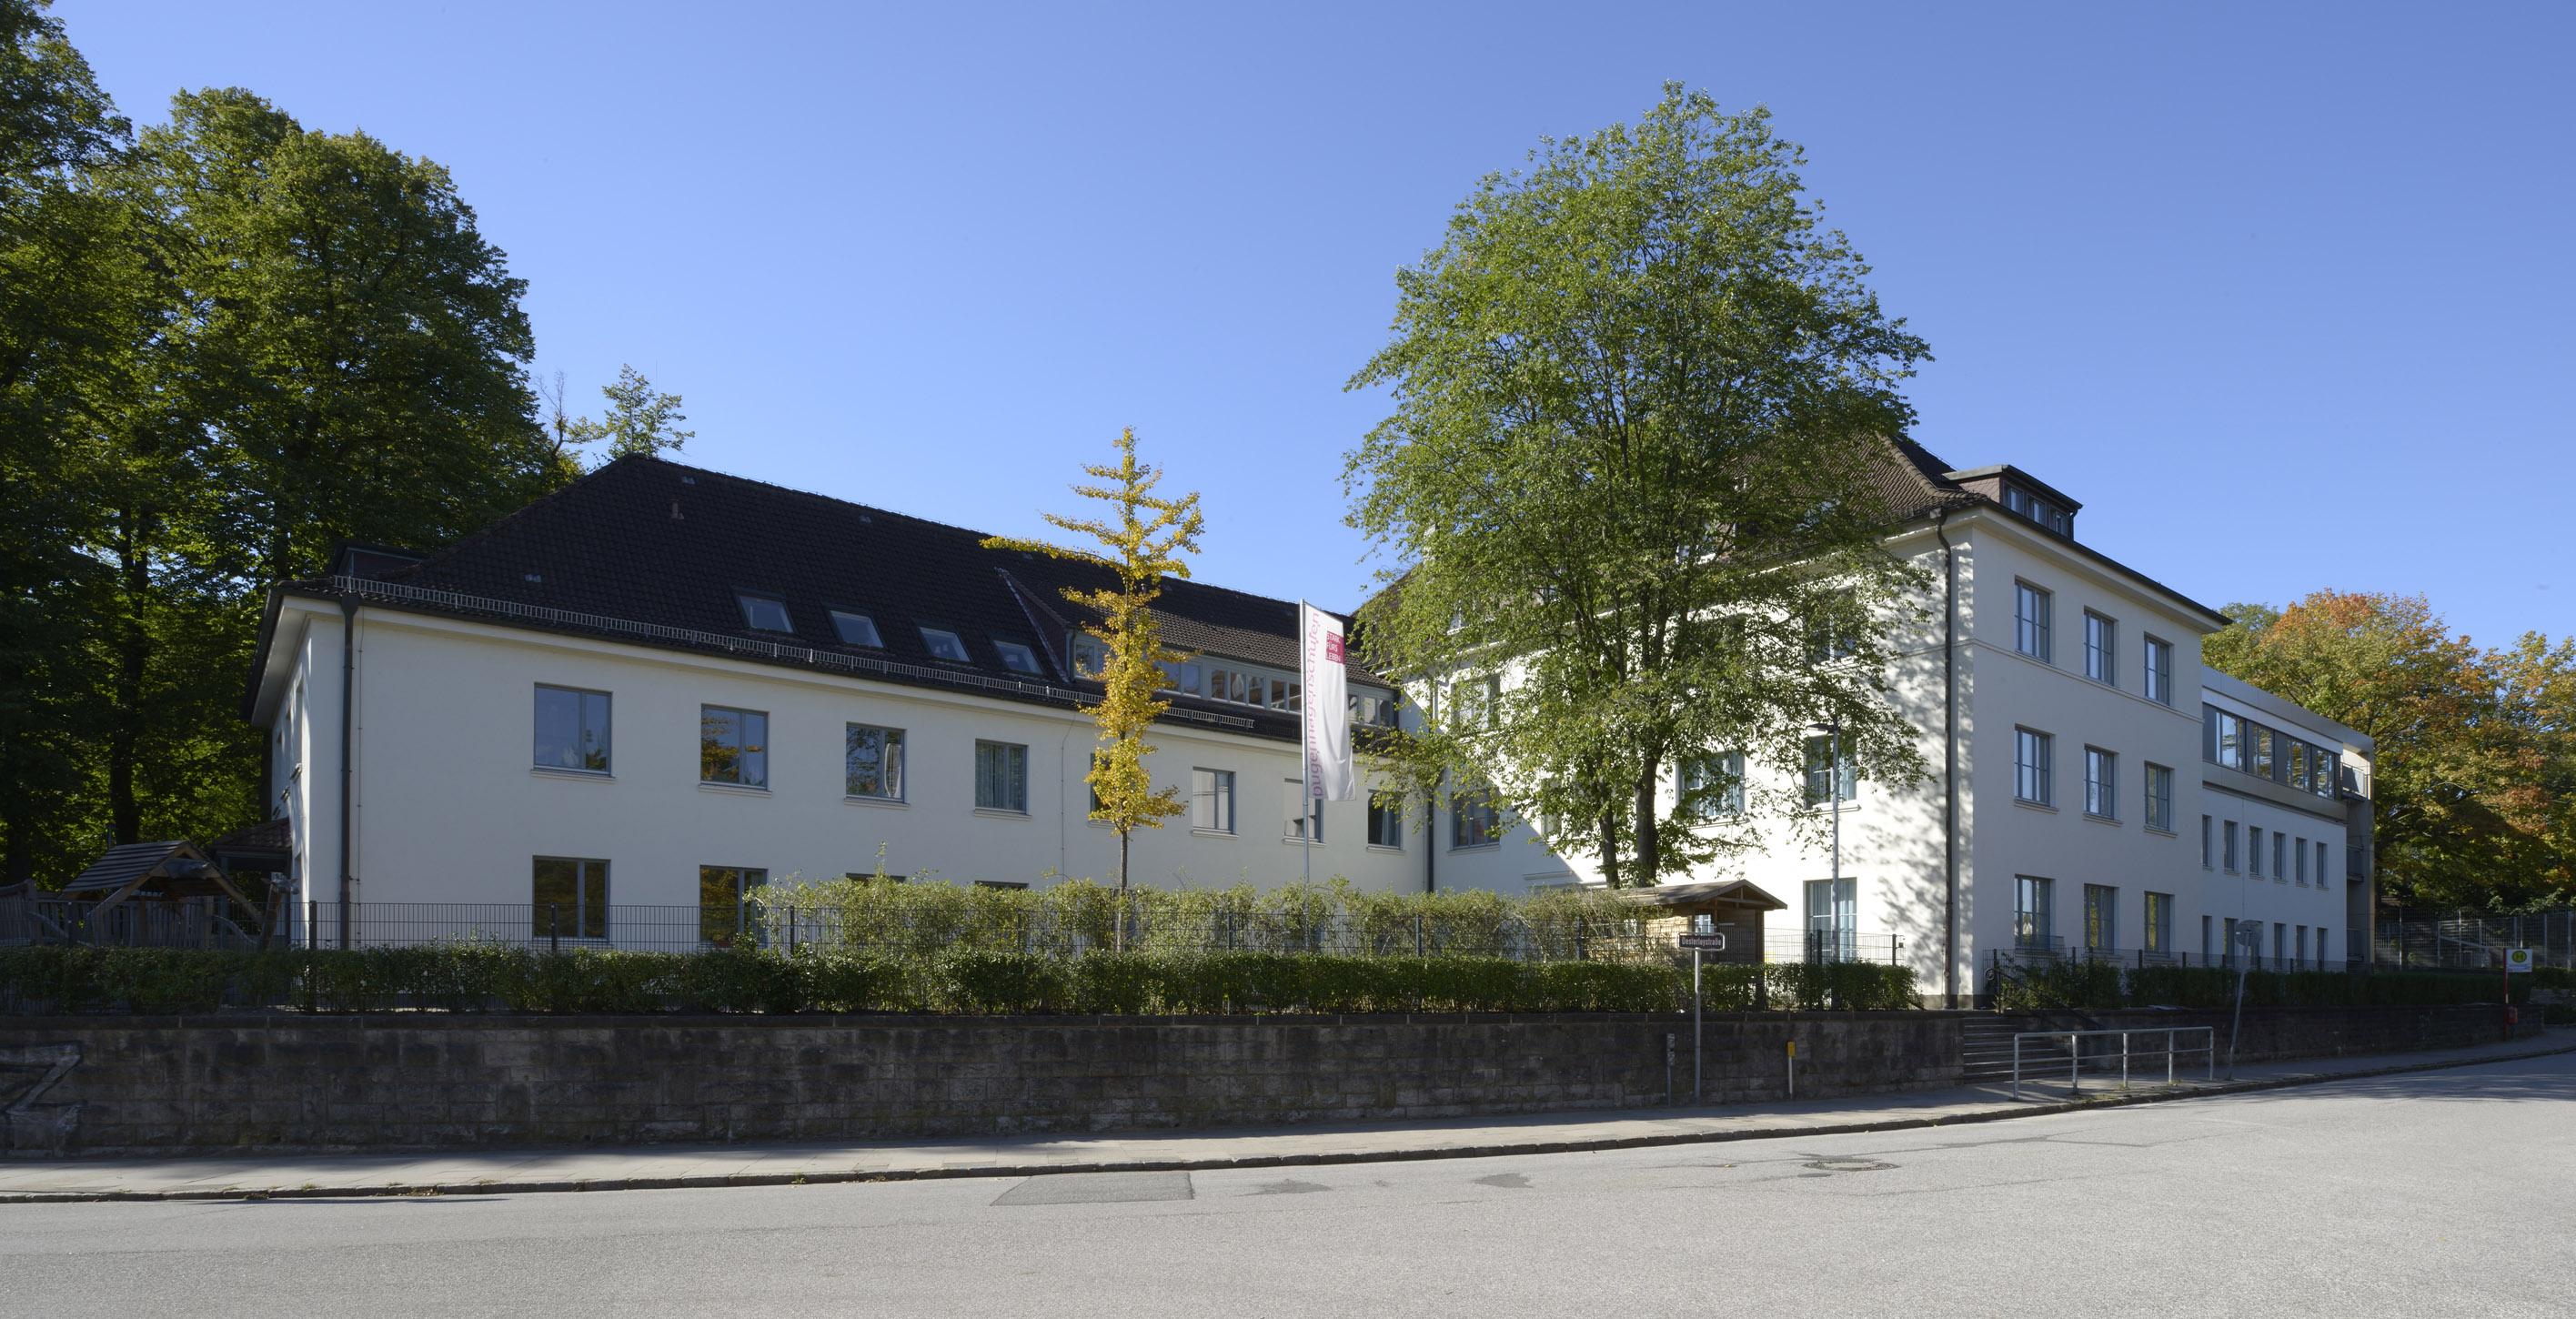 Bugenhagenschule Blankenese